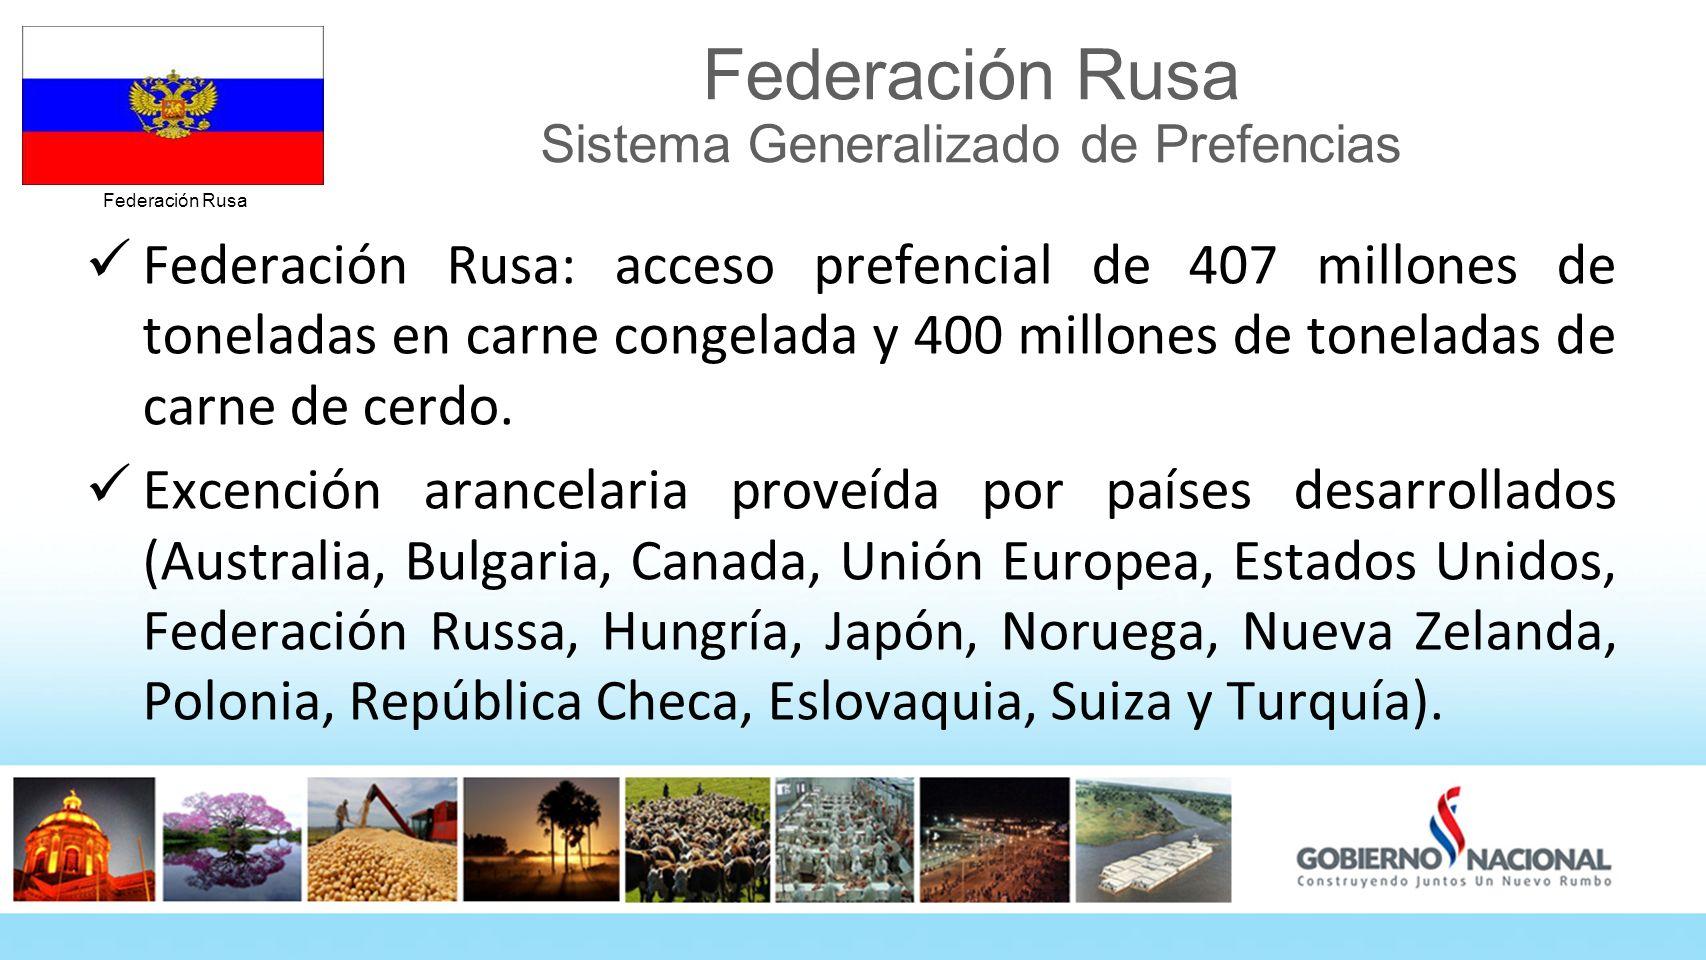 Federación Rusa Federación Rusa Sistema Generalizado de Prefencias Federación Rusa: acceso prefencial de 407 millones de toneladas en carne congelada